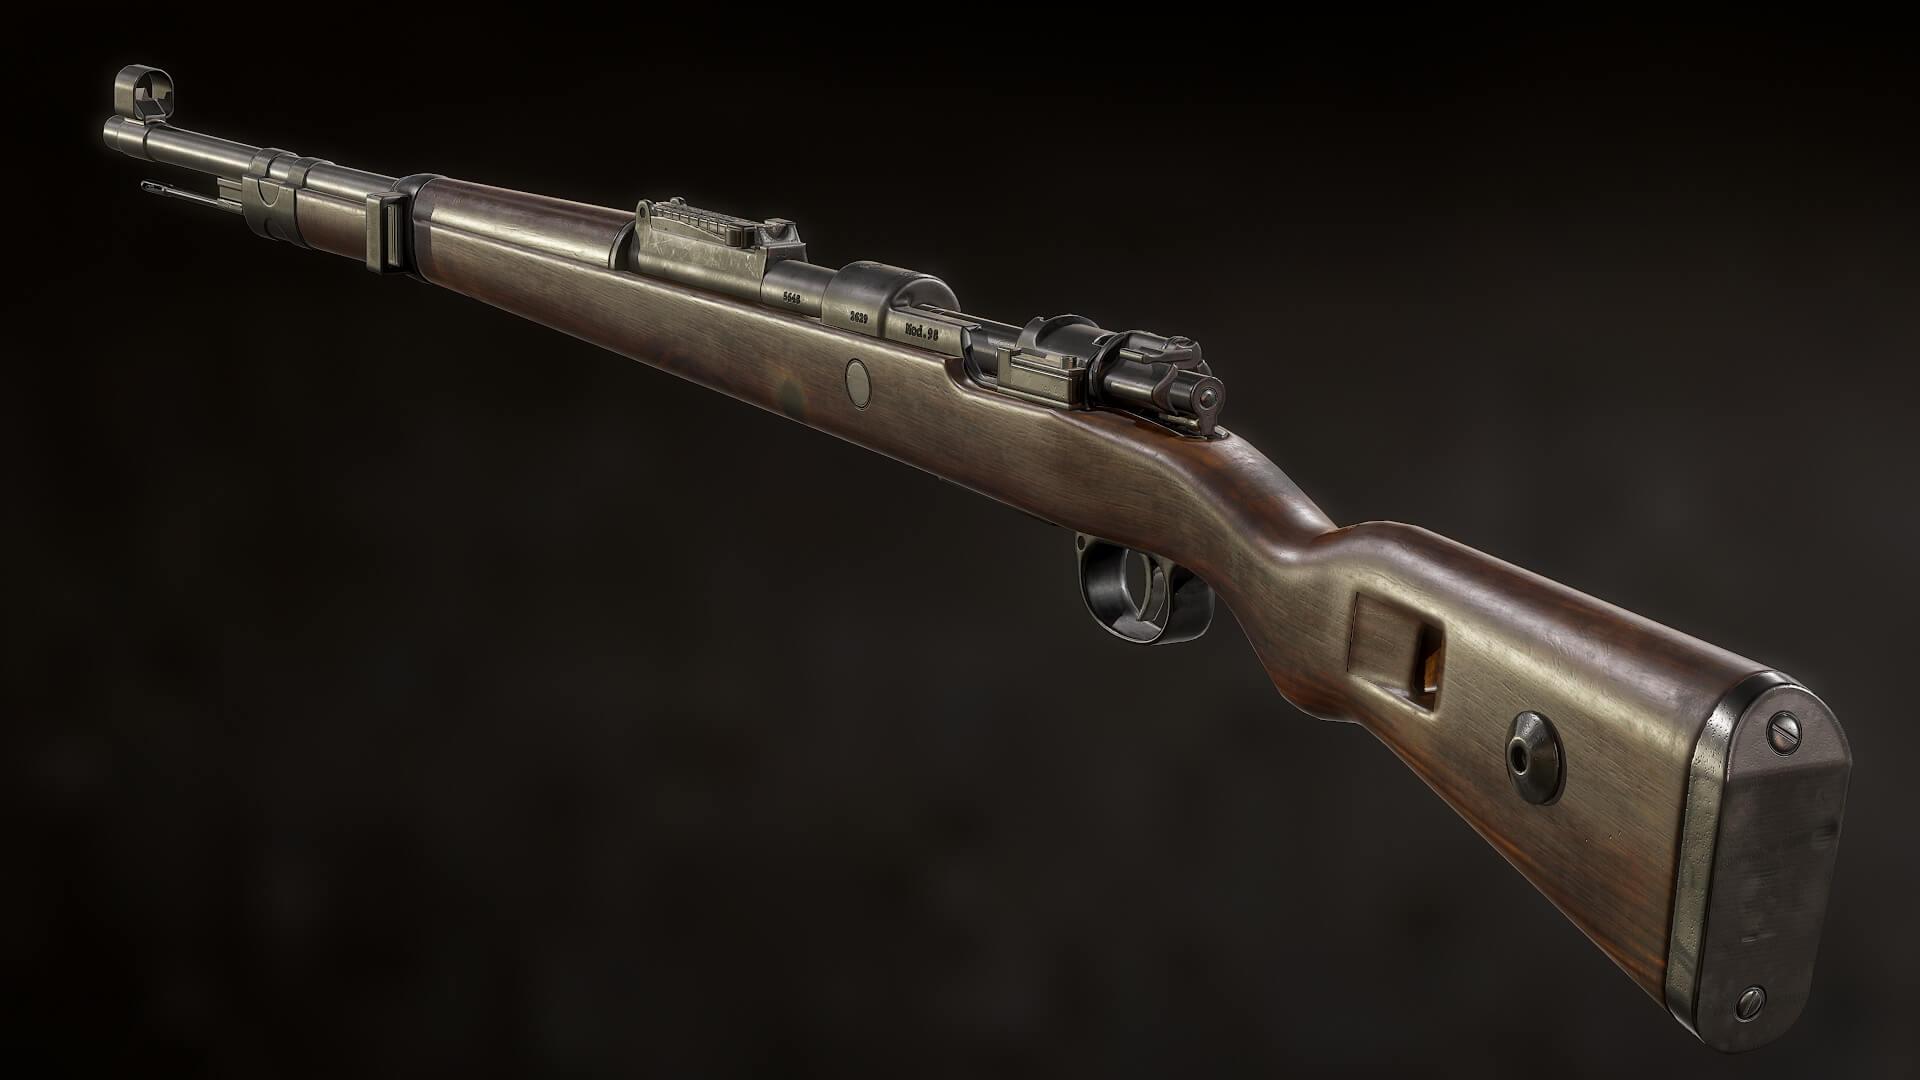 Снайперская винтовка Kar под углом